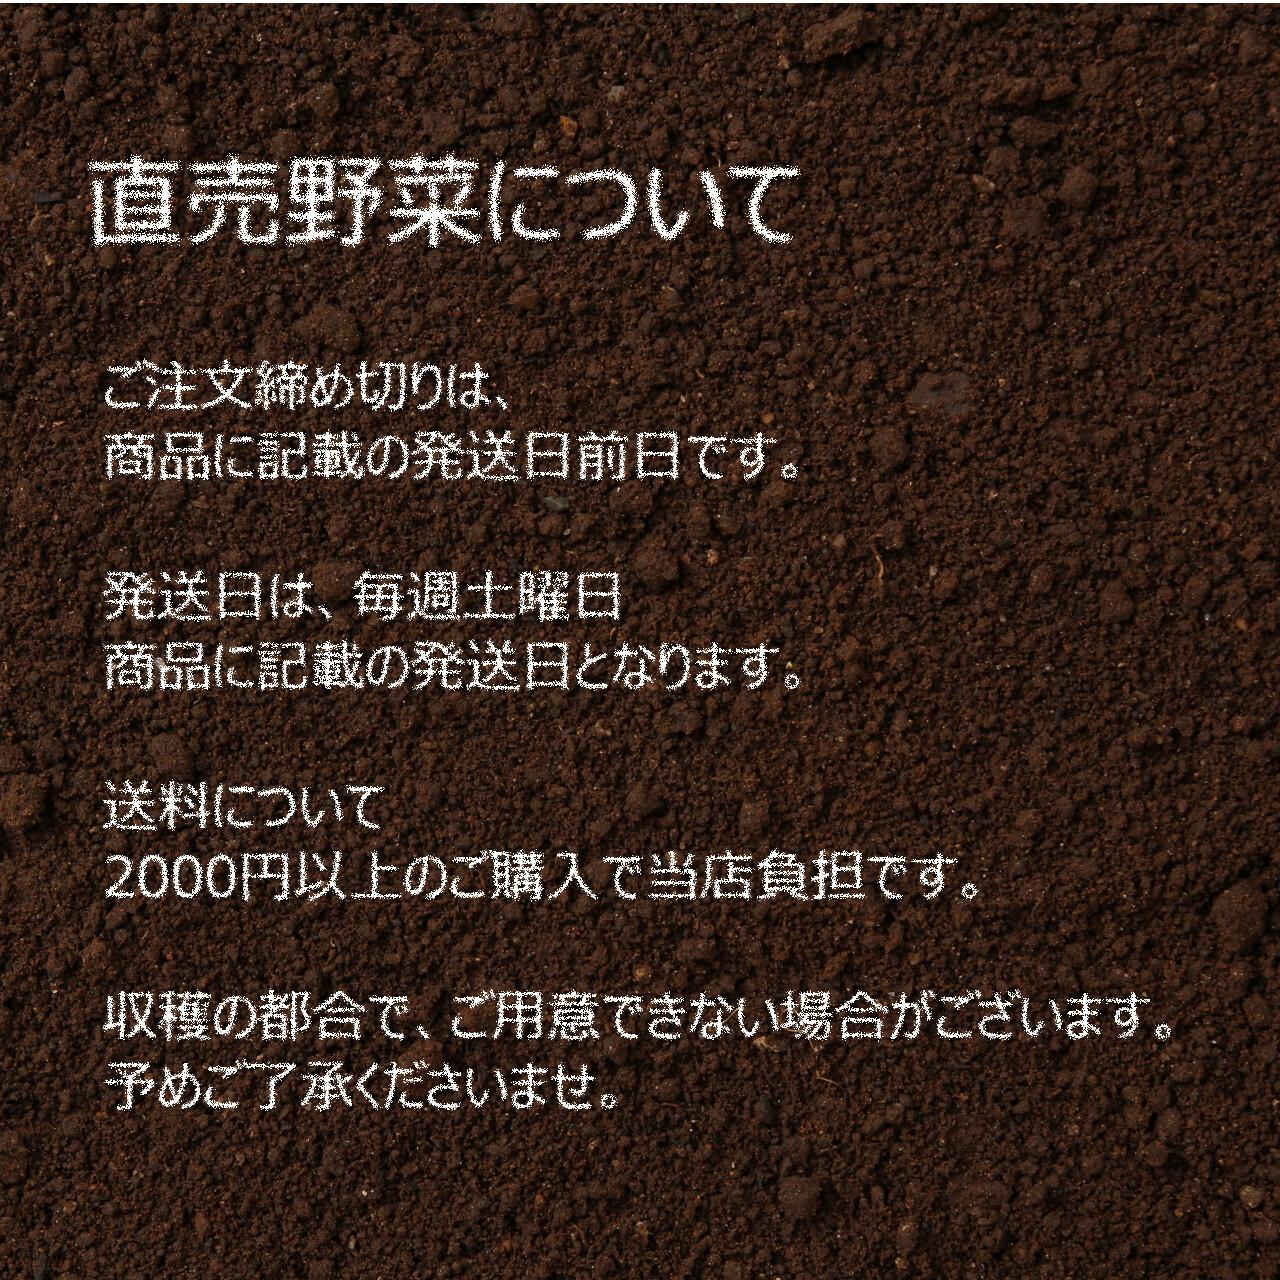 8月の朝採り直売野菜 : チンゲン菜 約300g 新鮮な夏野菜 8月15日発送予定